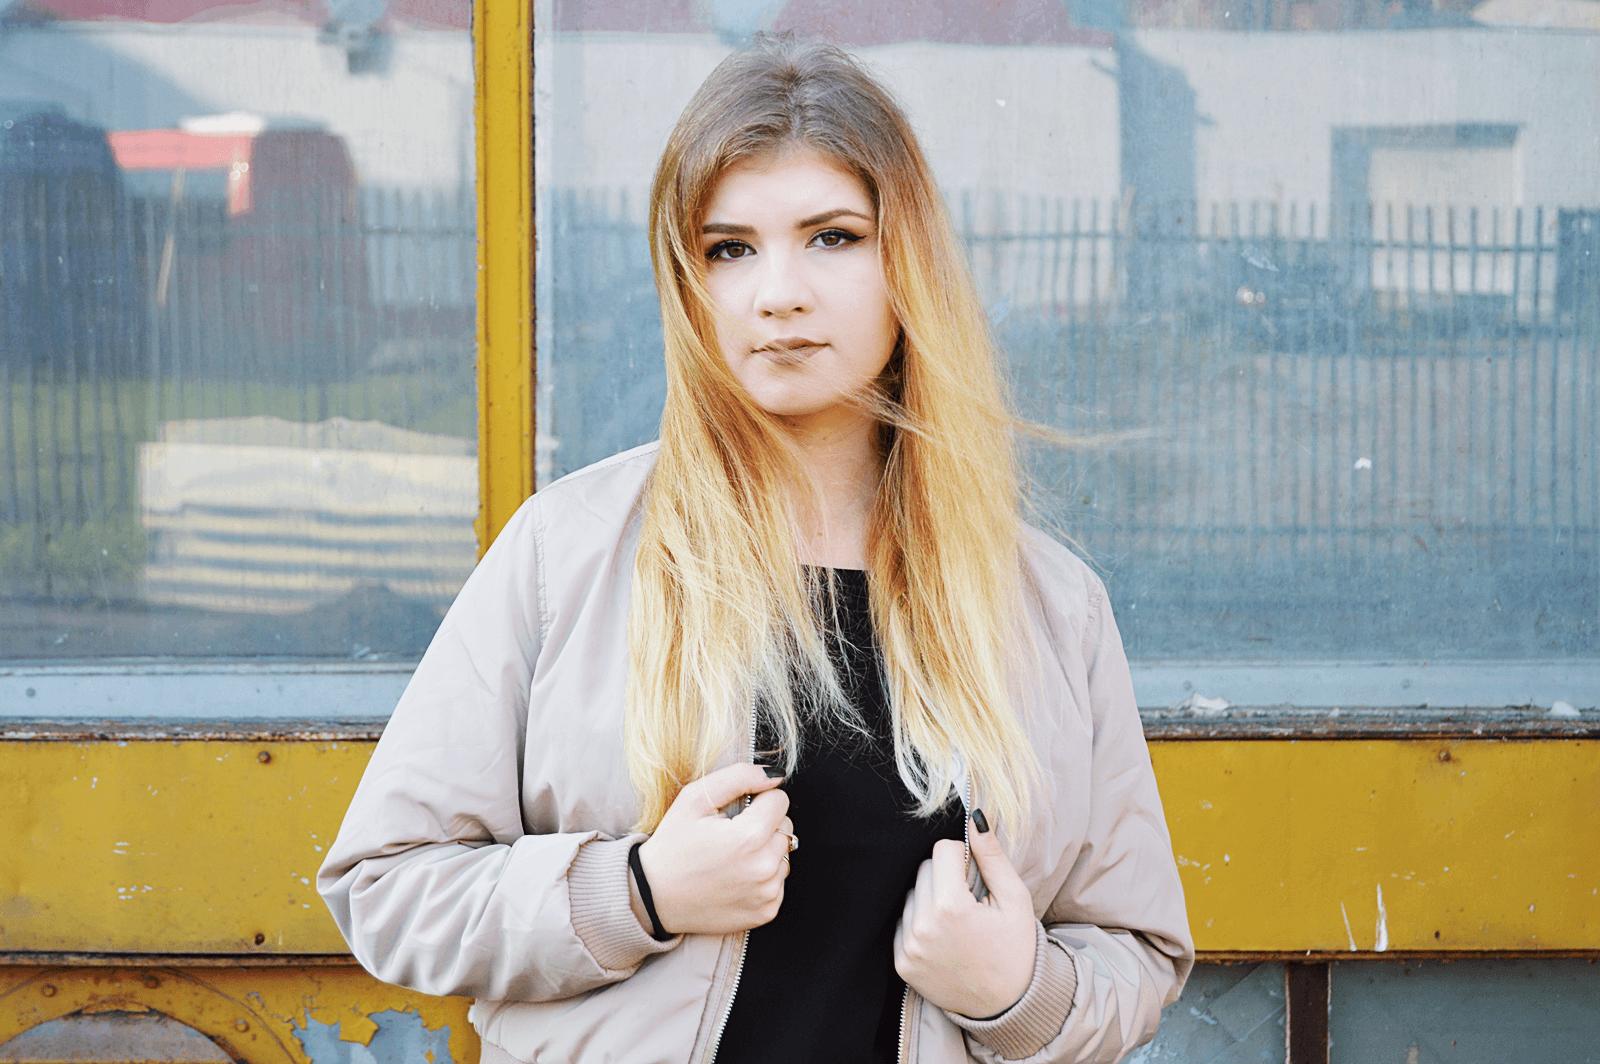 JESTEM MAMĄ Z 17-STO MIESIĘCZNYM STAŻEM - Creamshine | BLOG MŁODEJ MAMY| Moda Uroda Lifestyle |